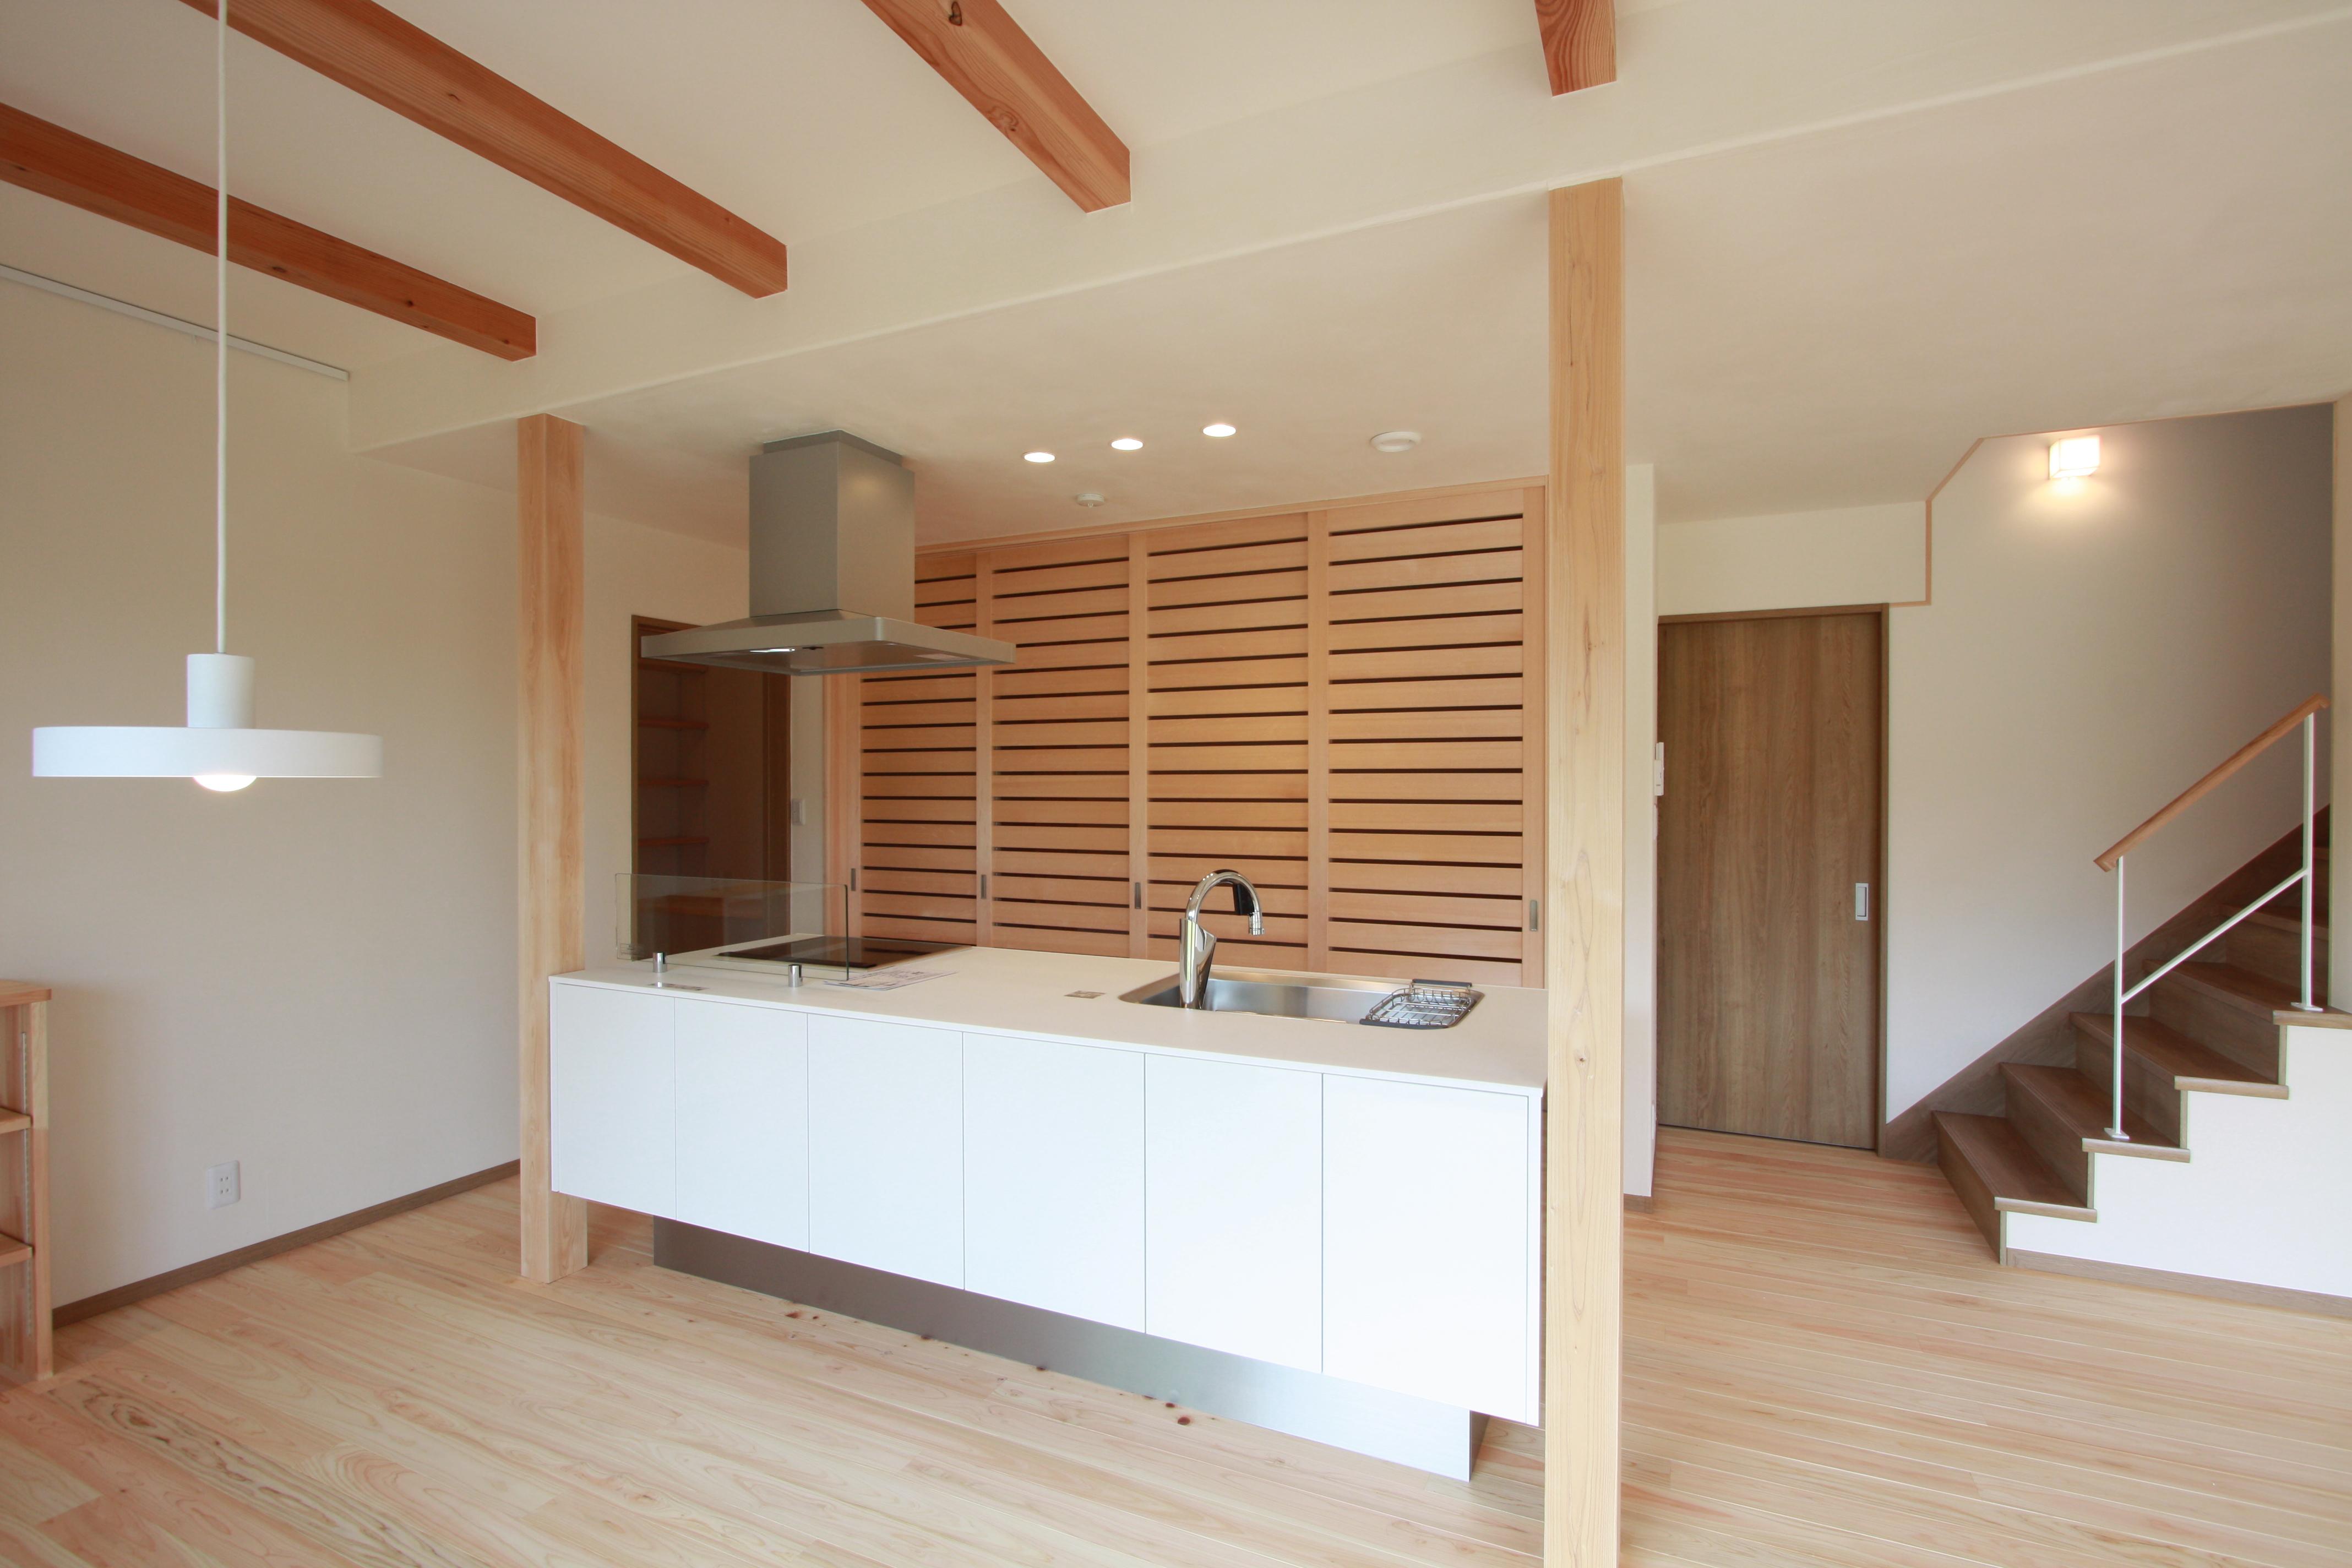 株式会社近藤建設興業 『自然と調和するゼロエネの家』